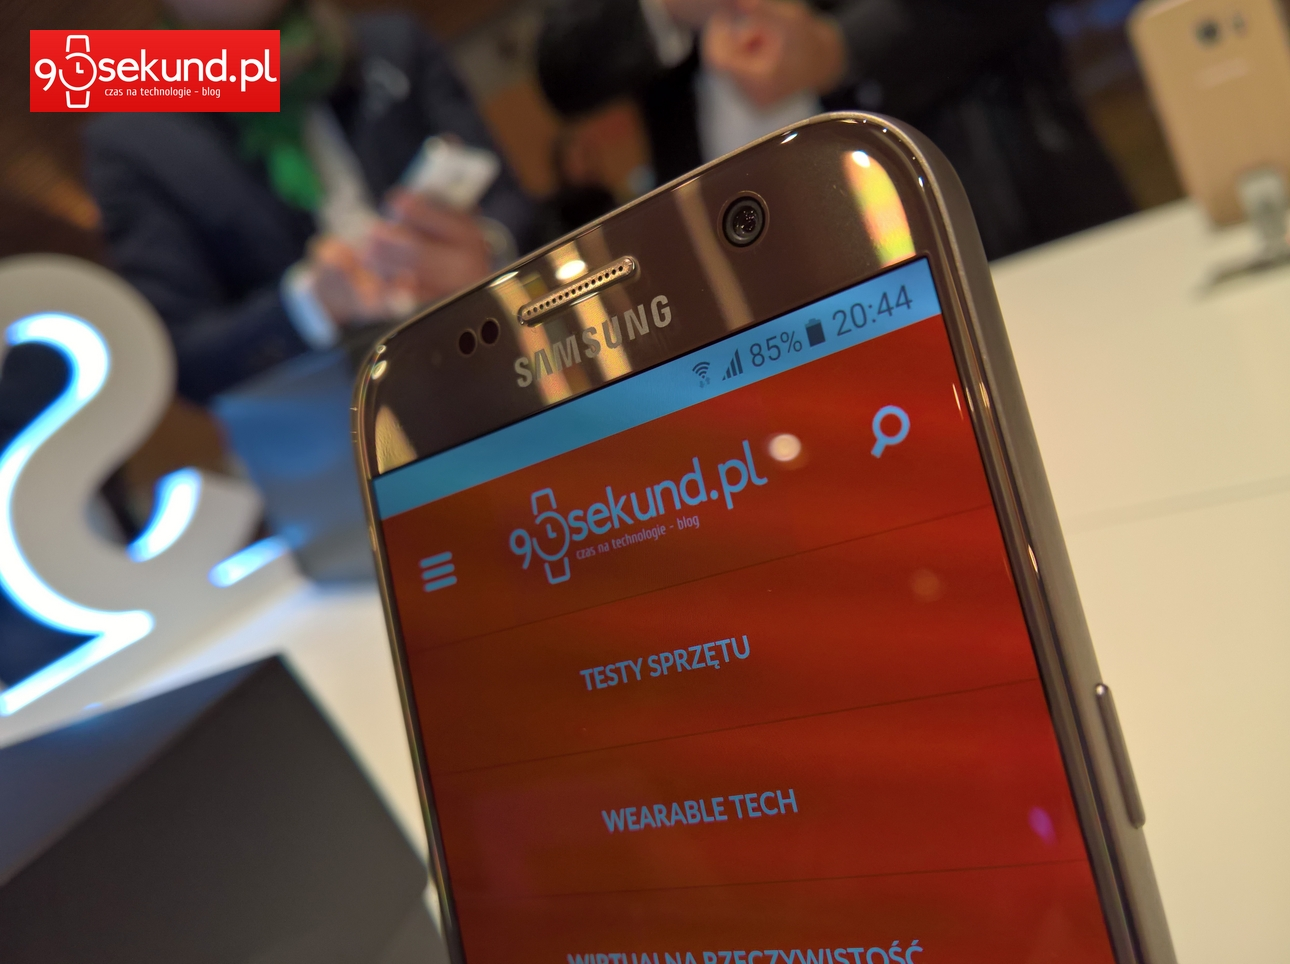 Samsung Galaxy S7 - 90sekund.pl